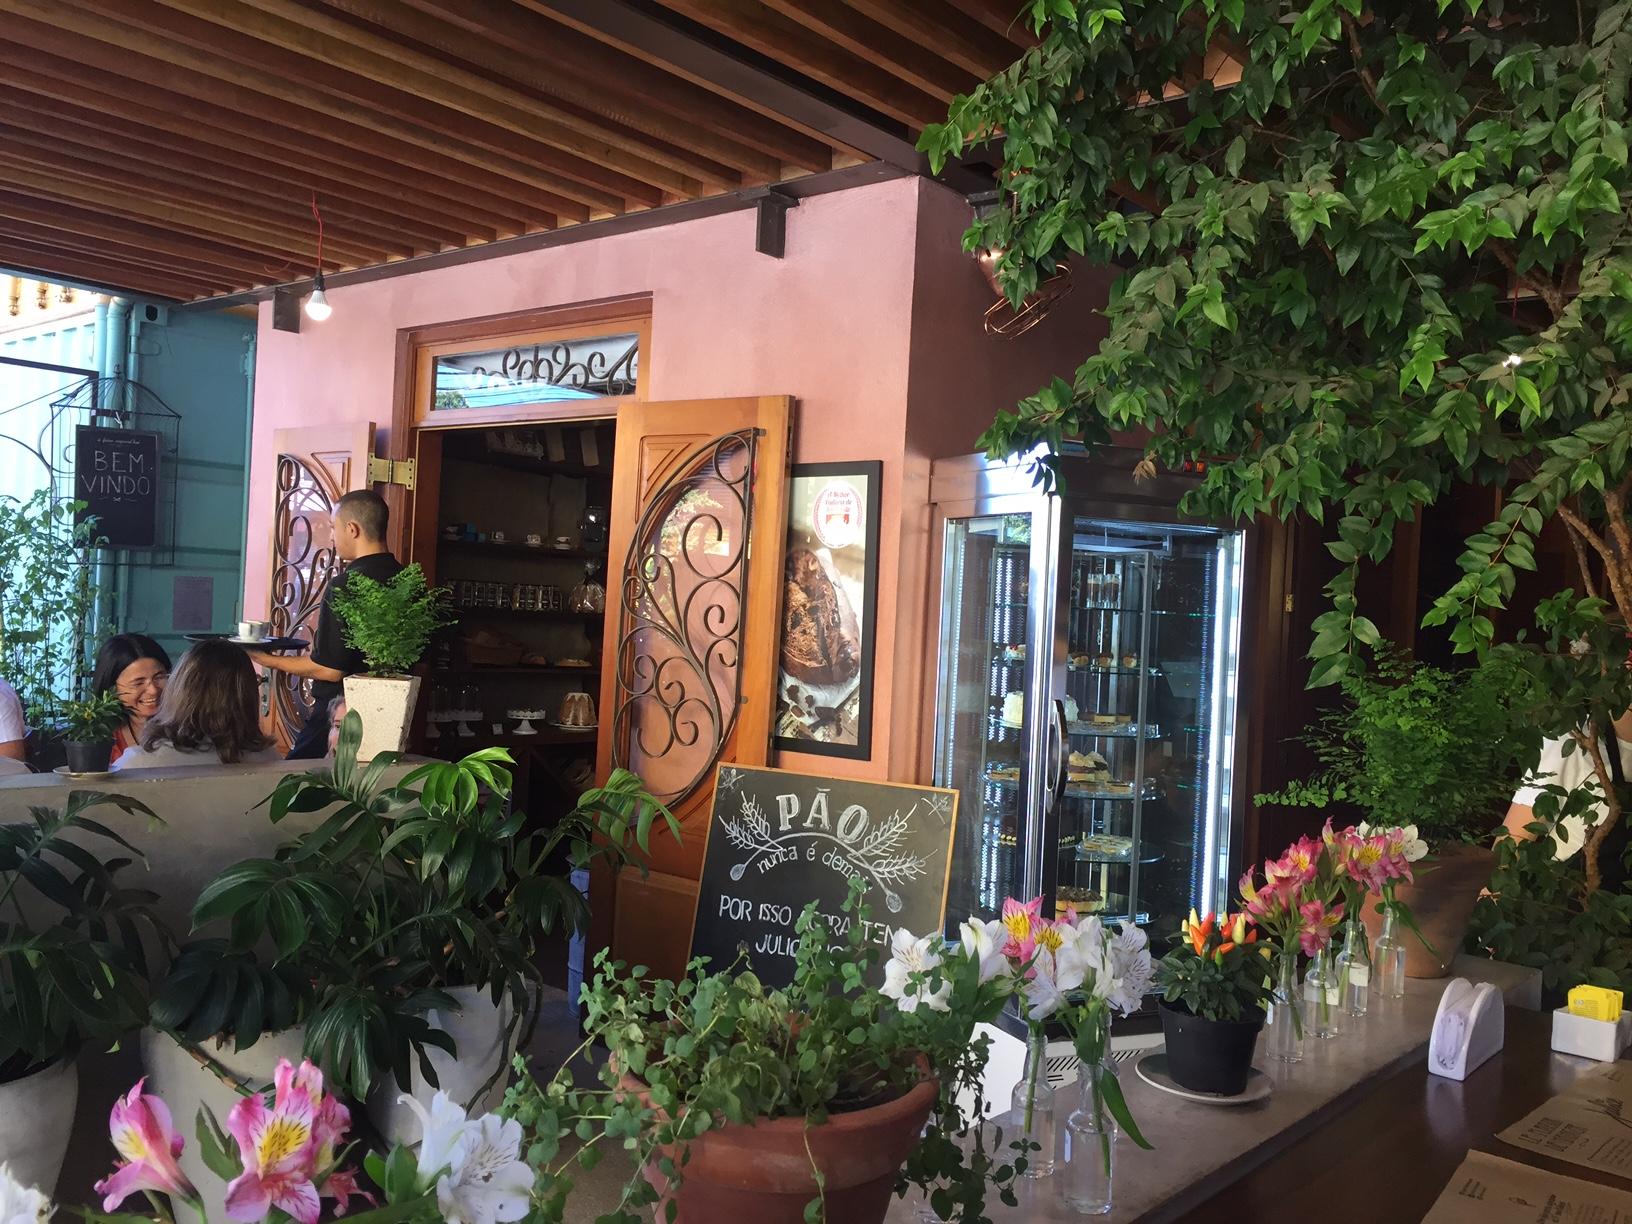 Área externa com decoração estilo rústica, em meio ao jardim